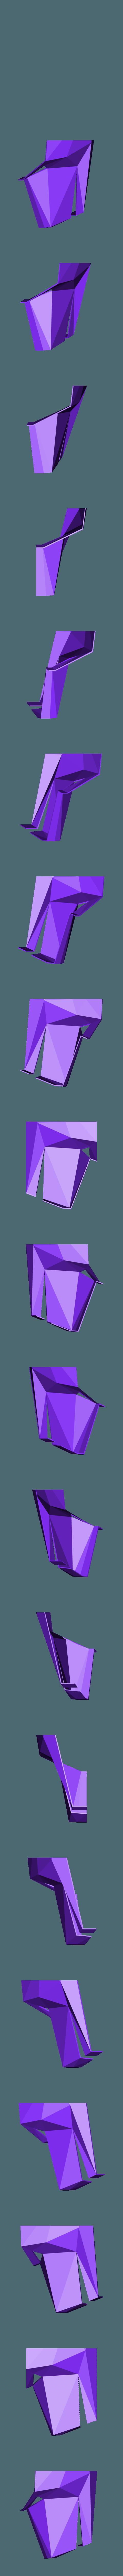 wolf_3D_print_front_left.stl Télécharger fichier STL gratuit Masque en papier loup Low poly • Design imprimable en 3D, dasaki